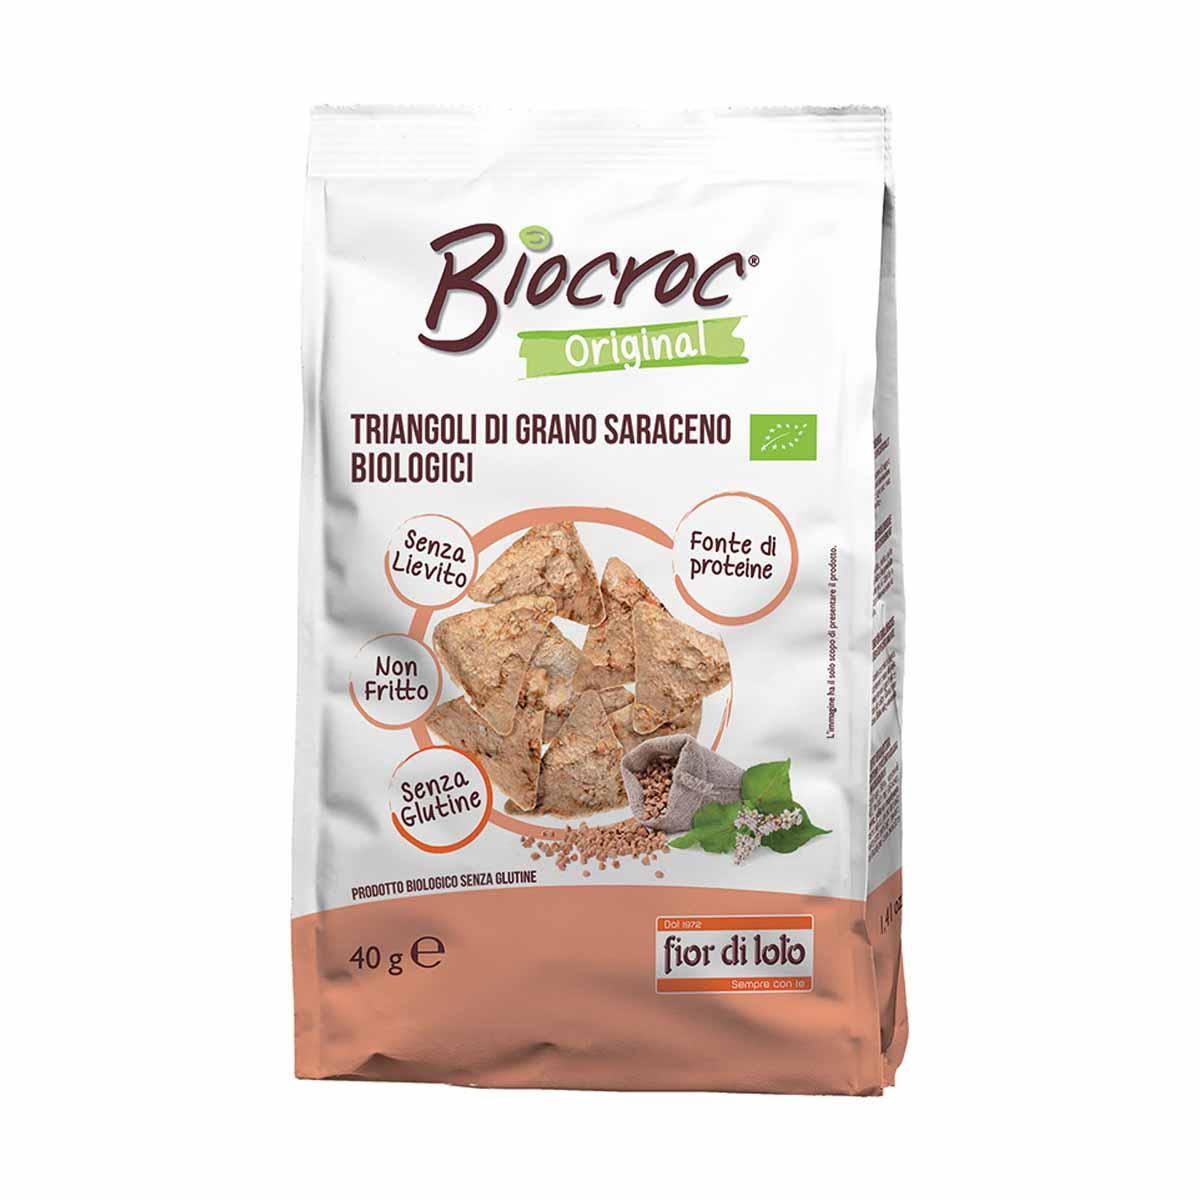 Fior di Loto Biocroc Triangoli di grano saraceno